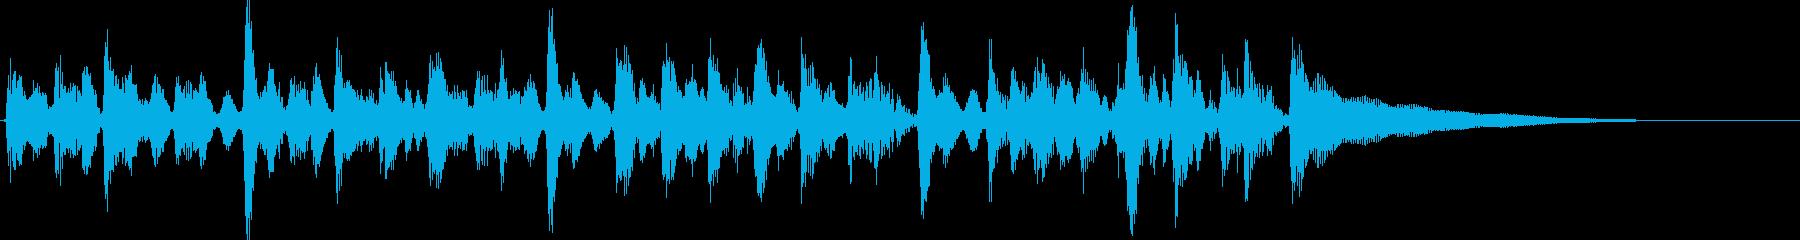 15秒CM、アコギリズム、商品紹介等⑤の再生済みの波形